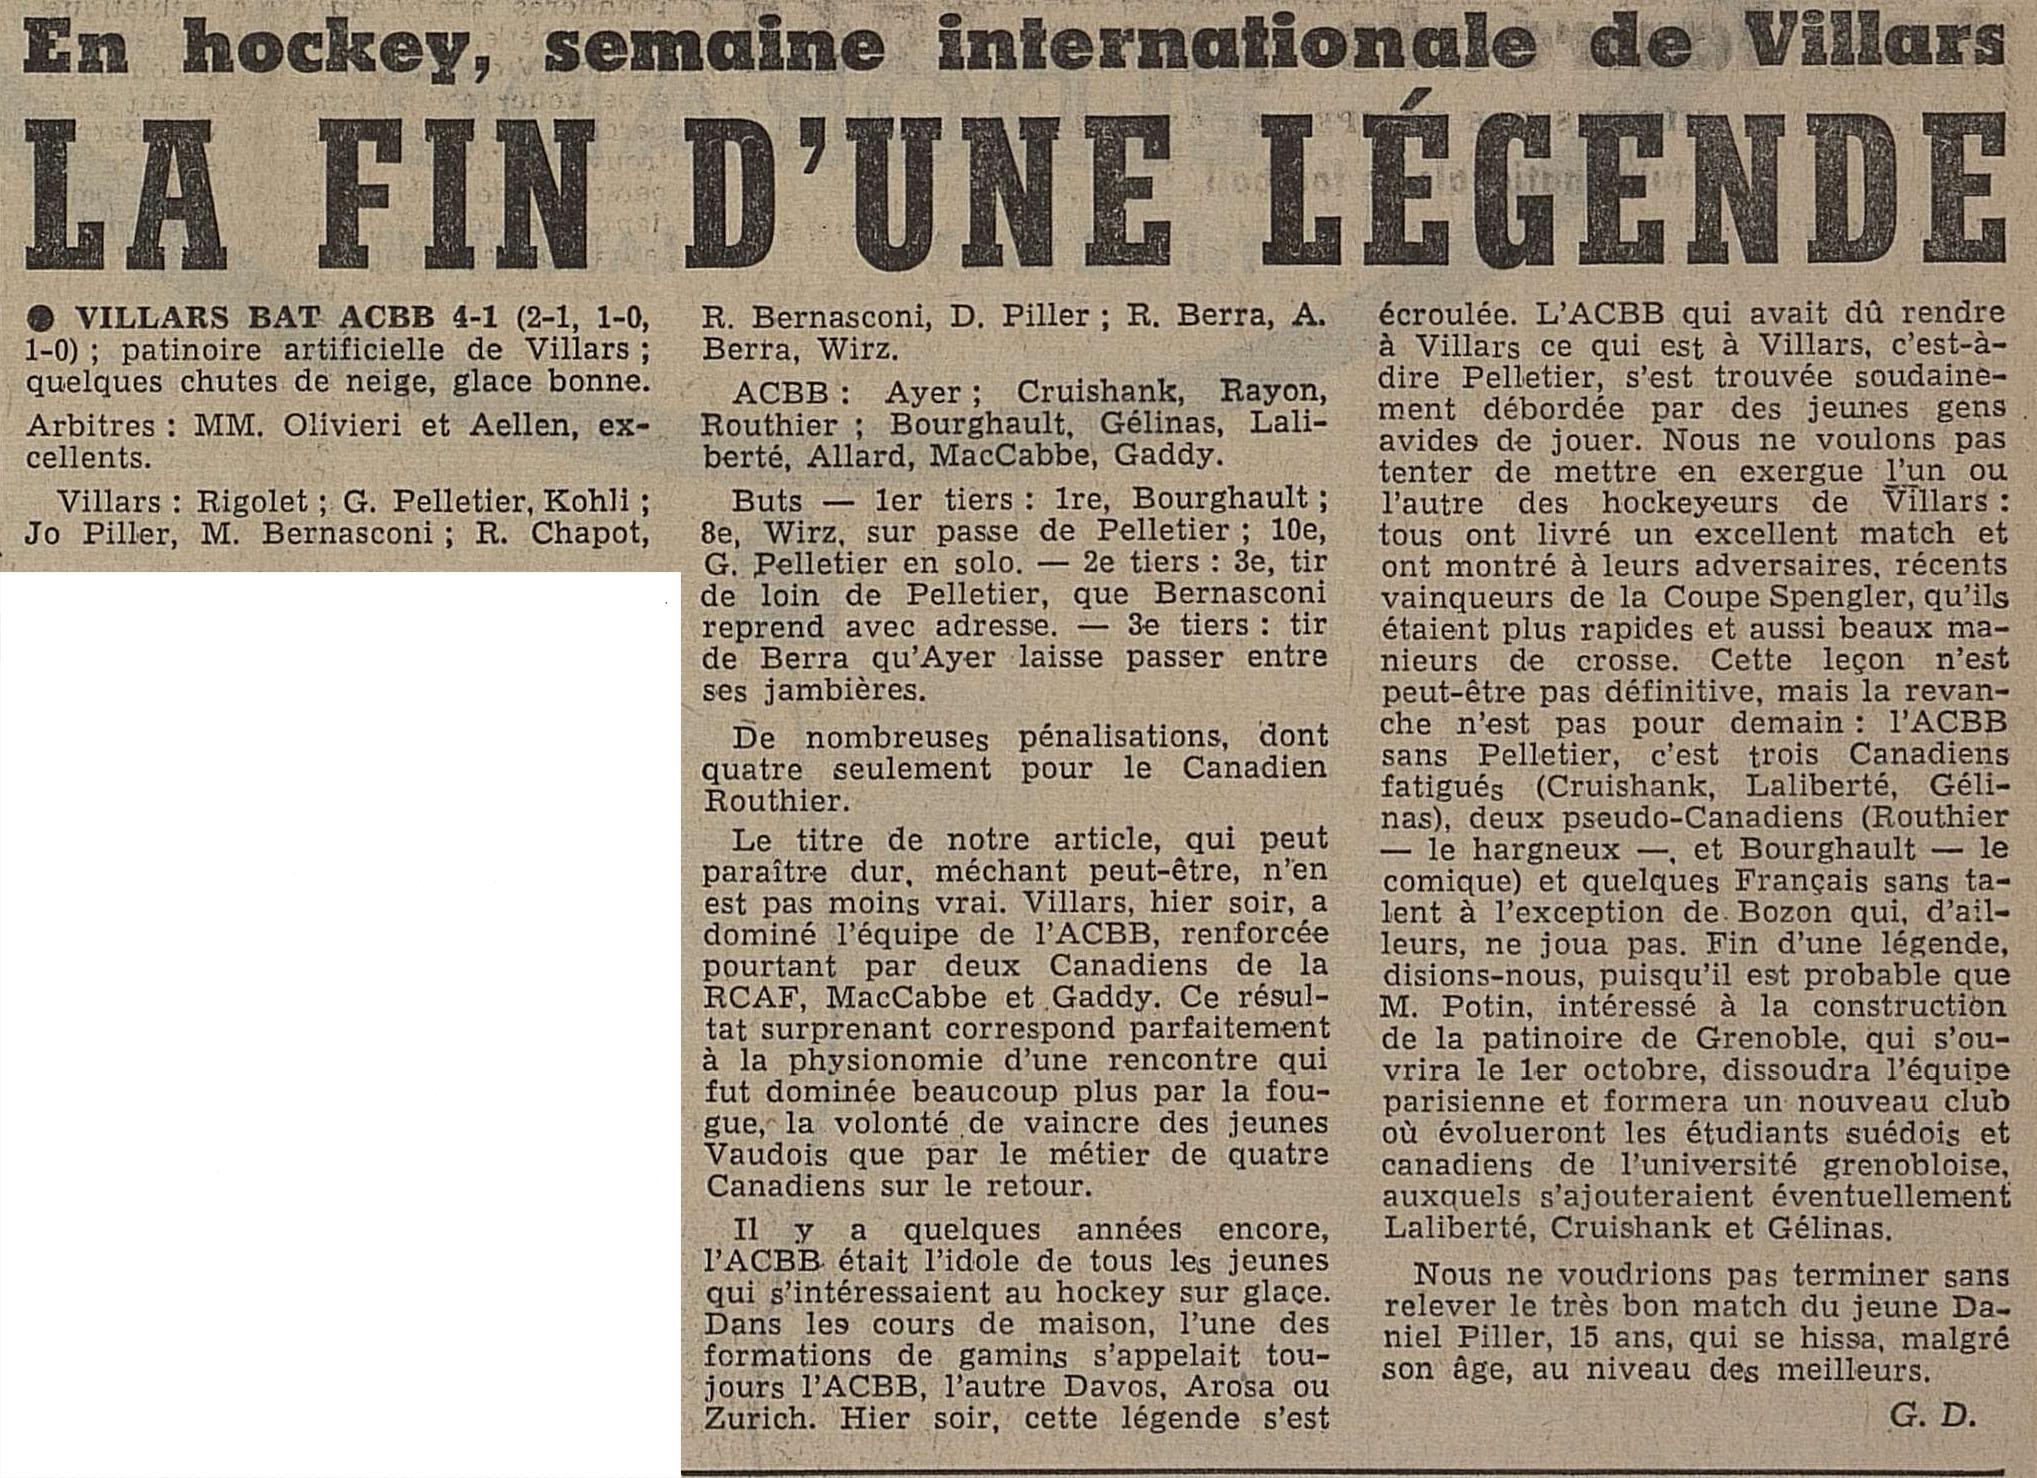 Le Matin - Tribune de Lausanne_19620103_j9lrro-2.jpg